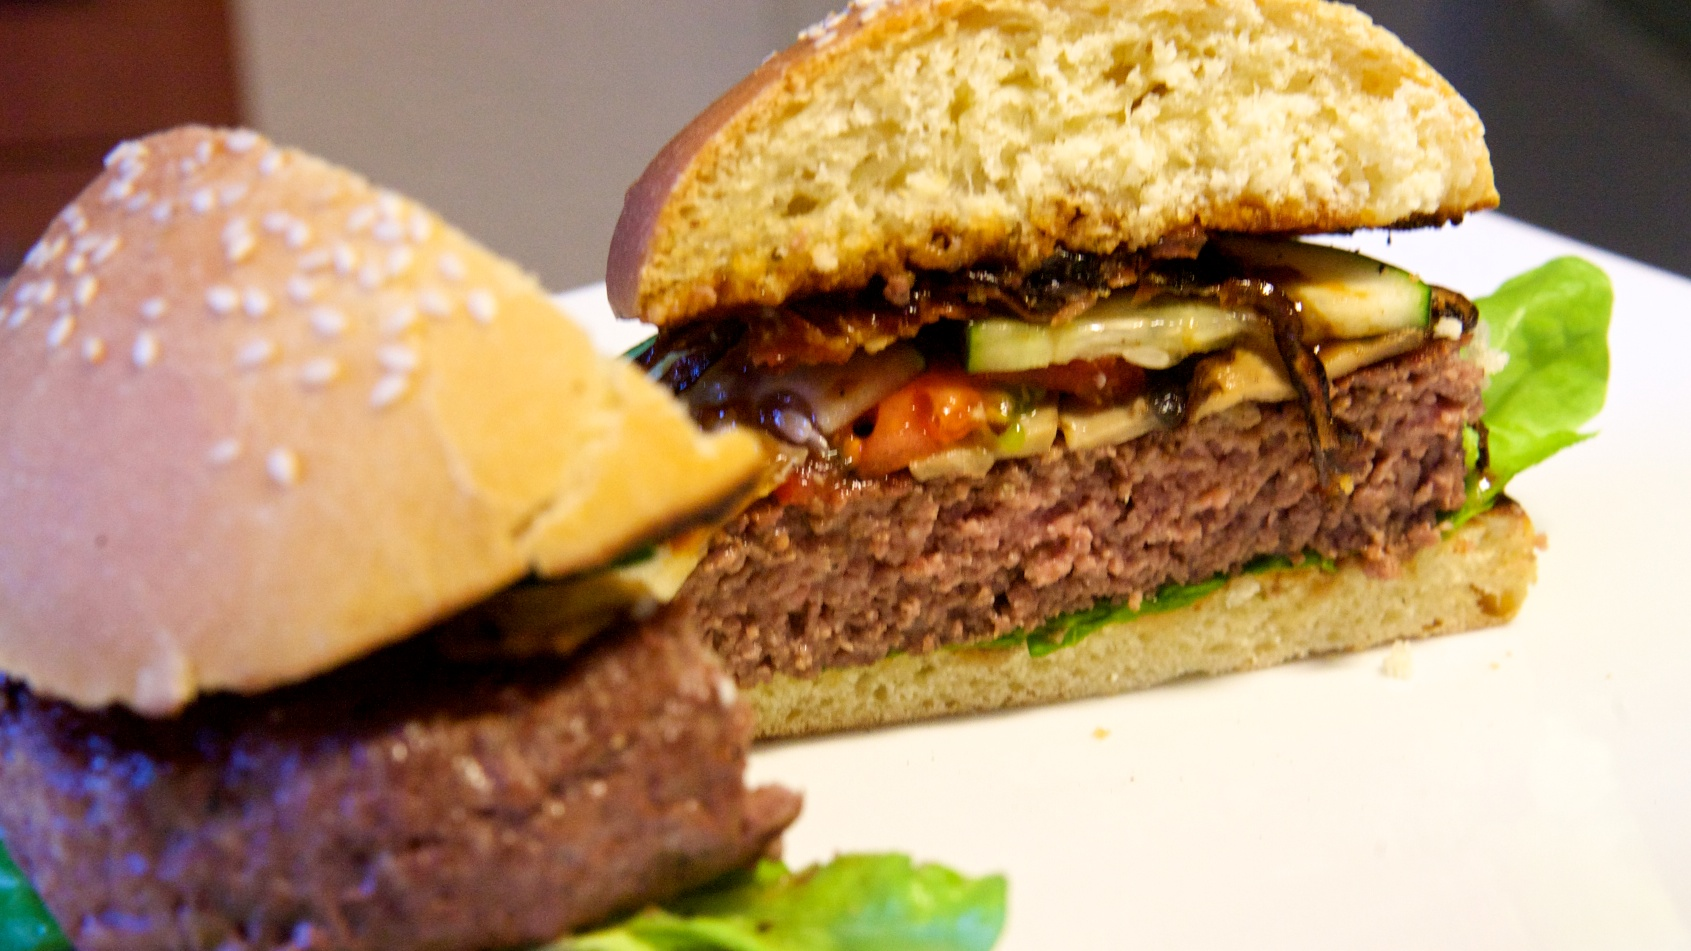 Burgeranschnitt